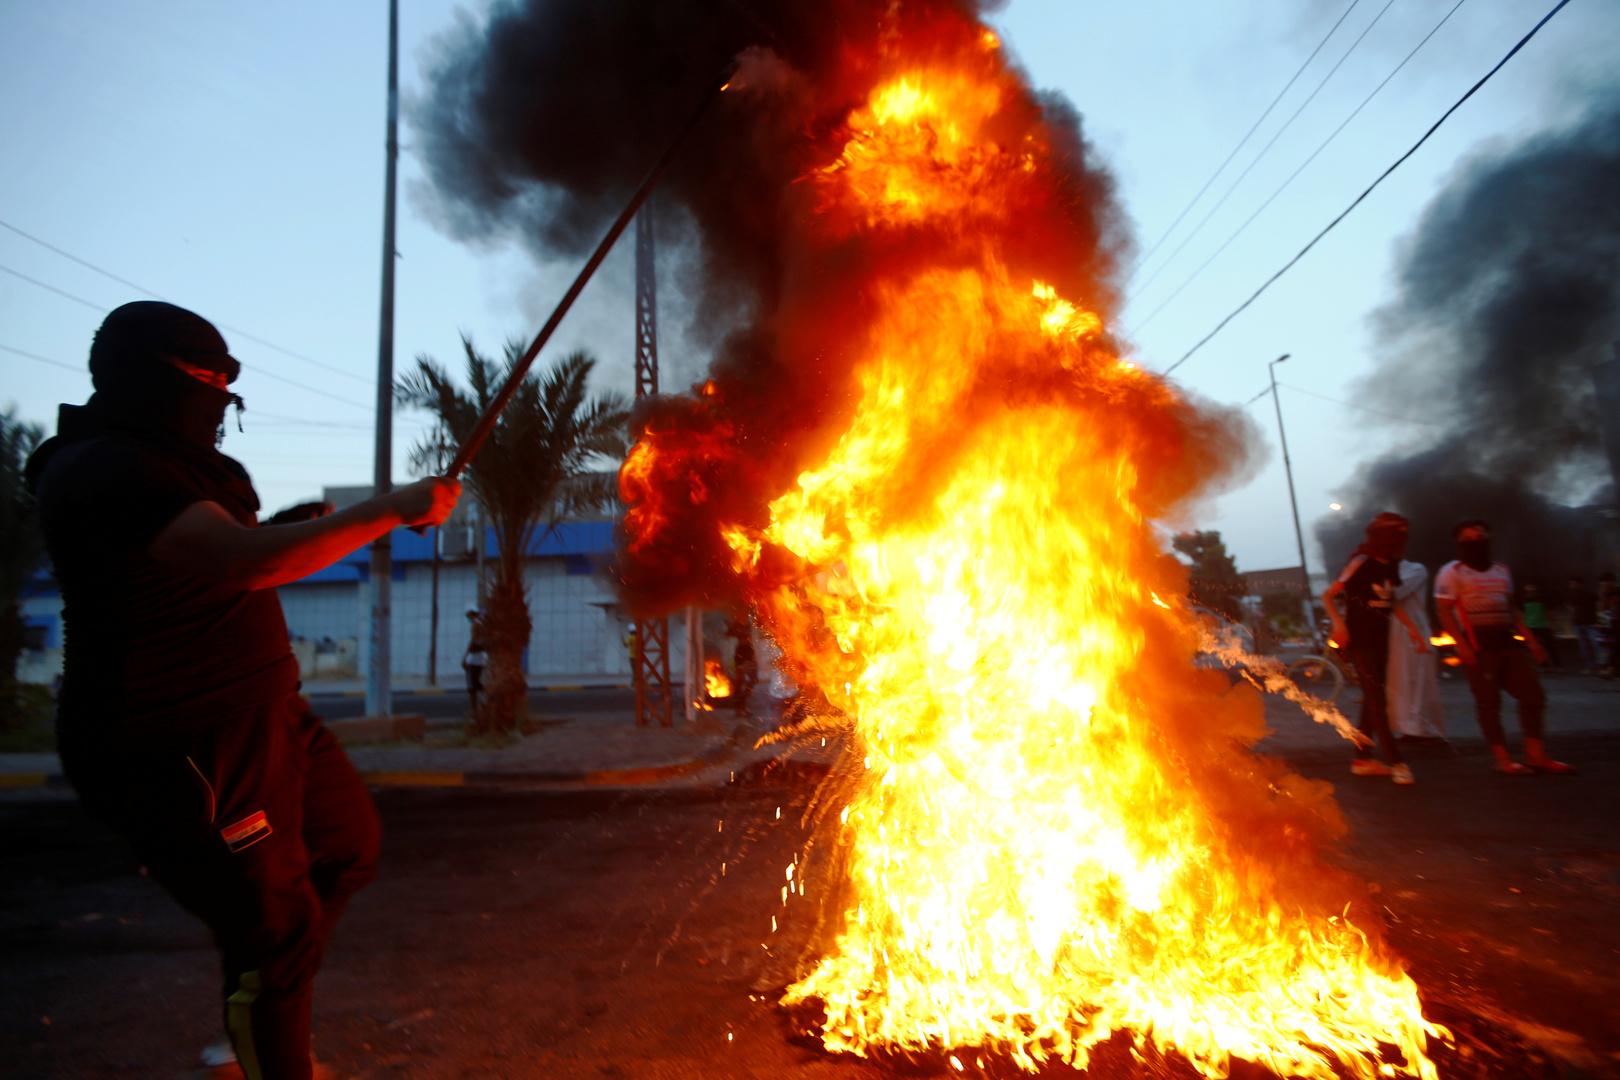 مستشار الكاظمي: سنكشف عن الجهات المتورطة بقتل المتظاهرين